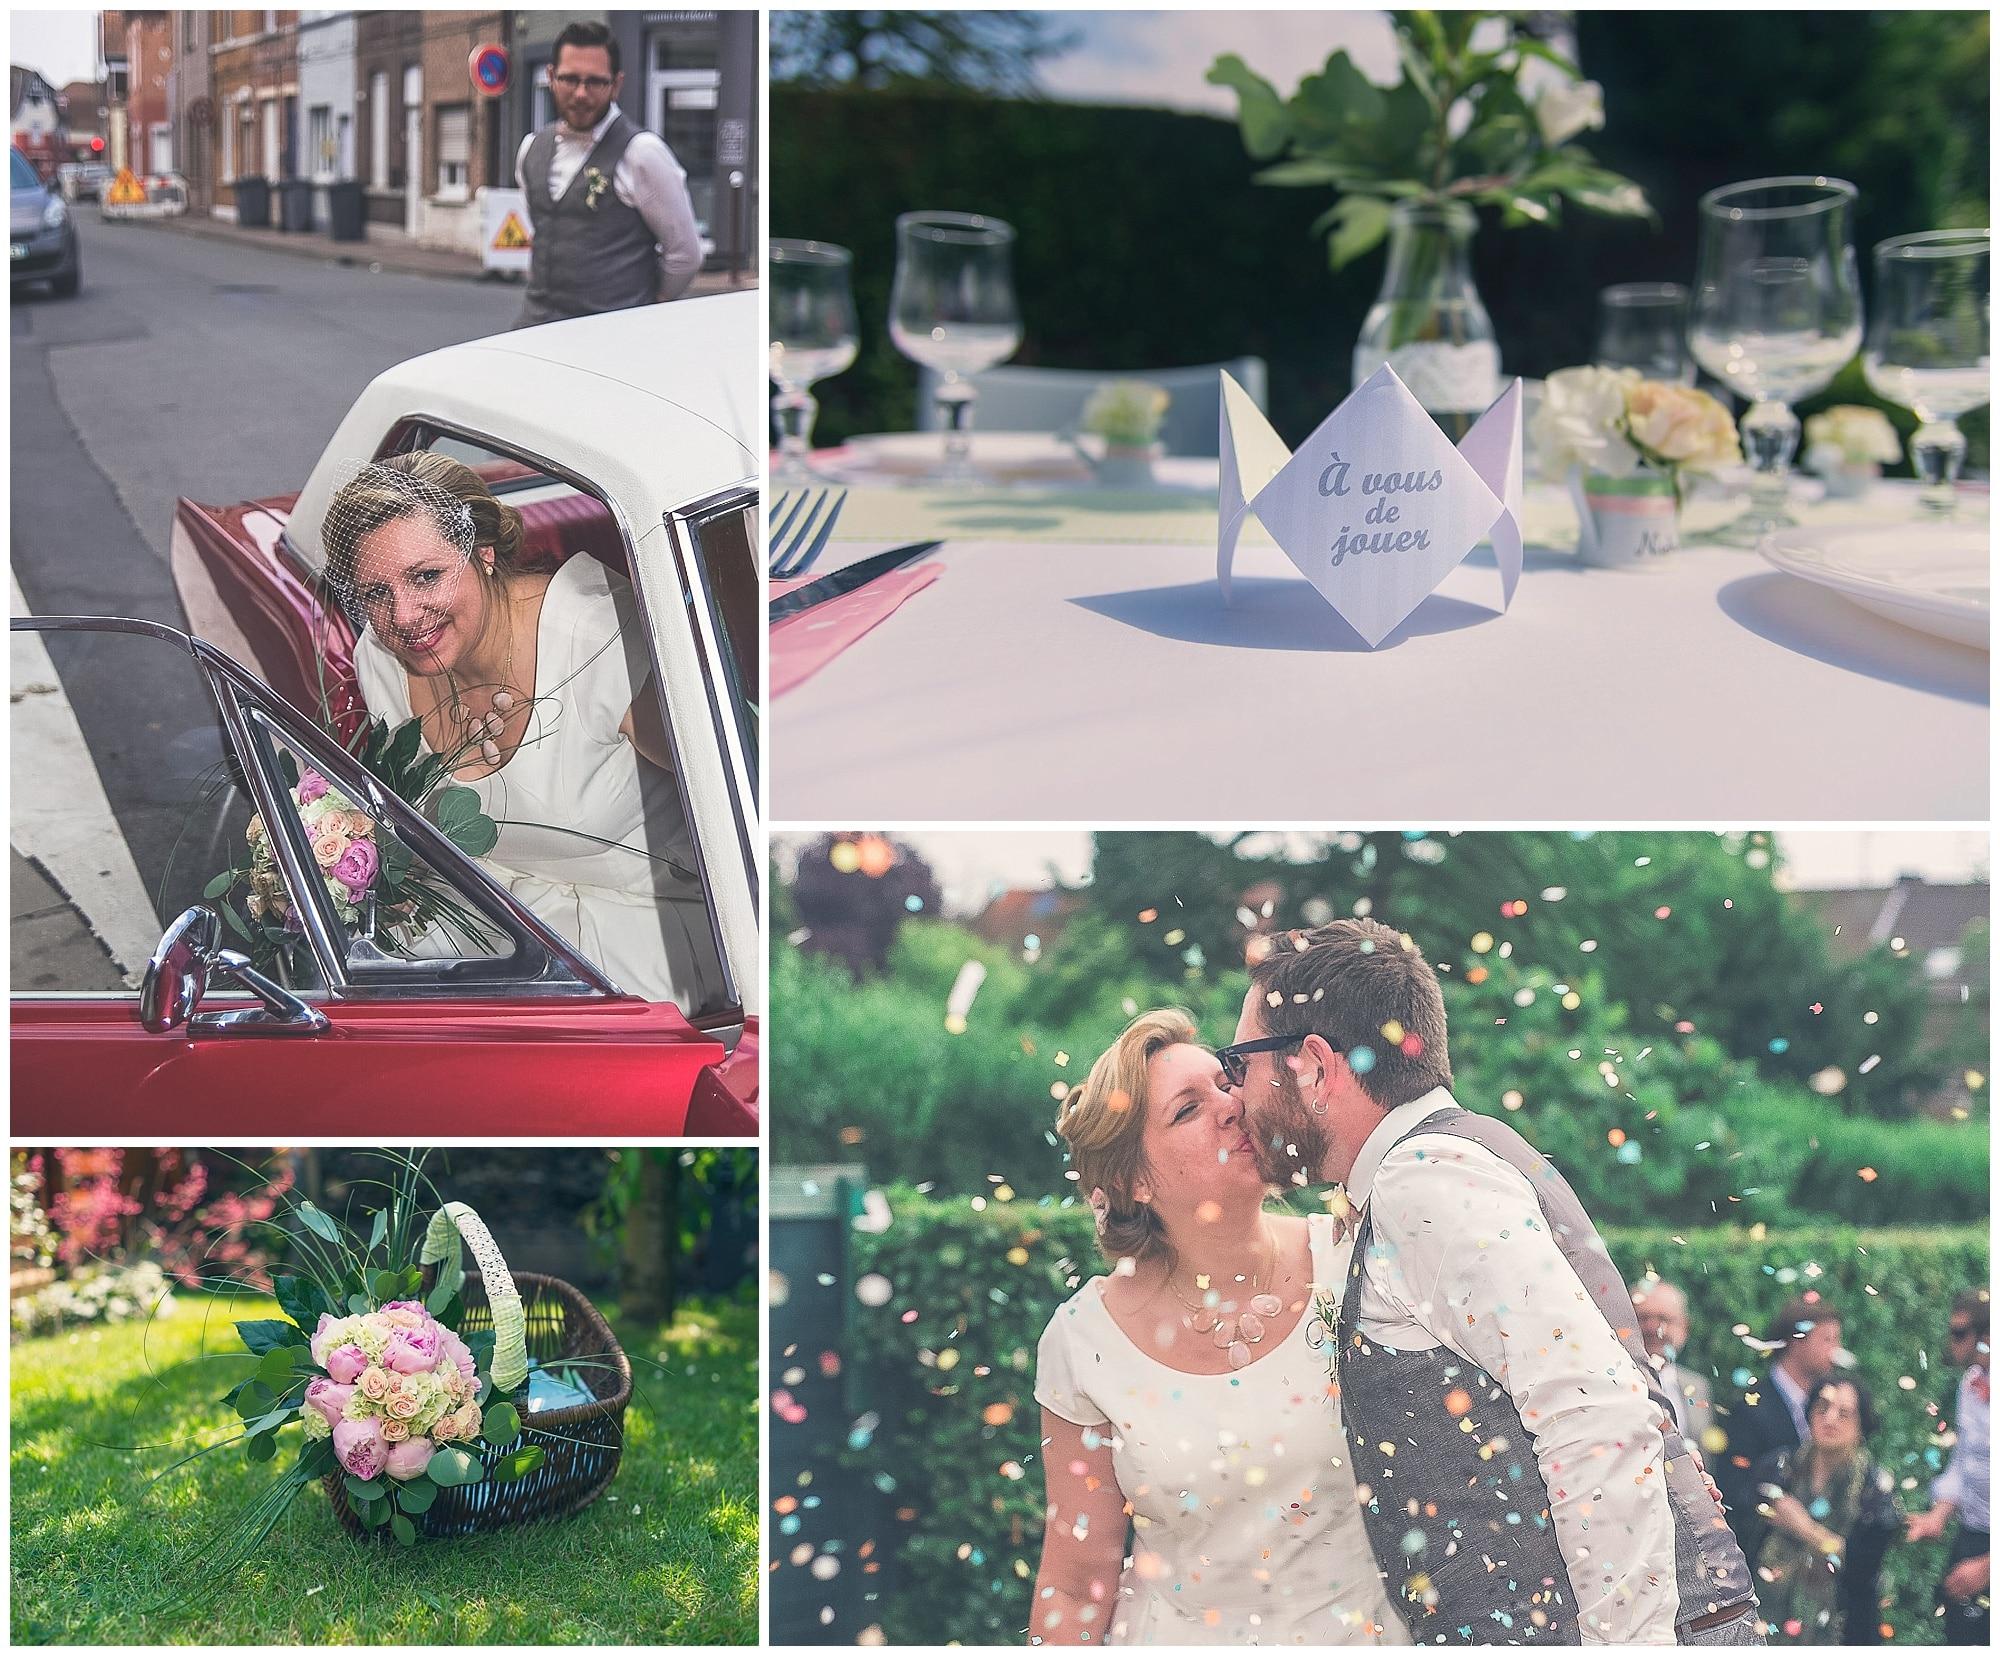 Mariage,jouy le moutier,justmphotographes,mustang,région parisienne,rétro,